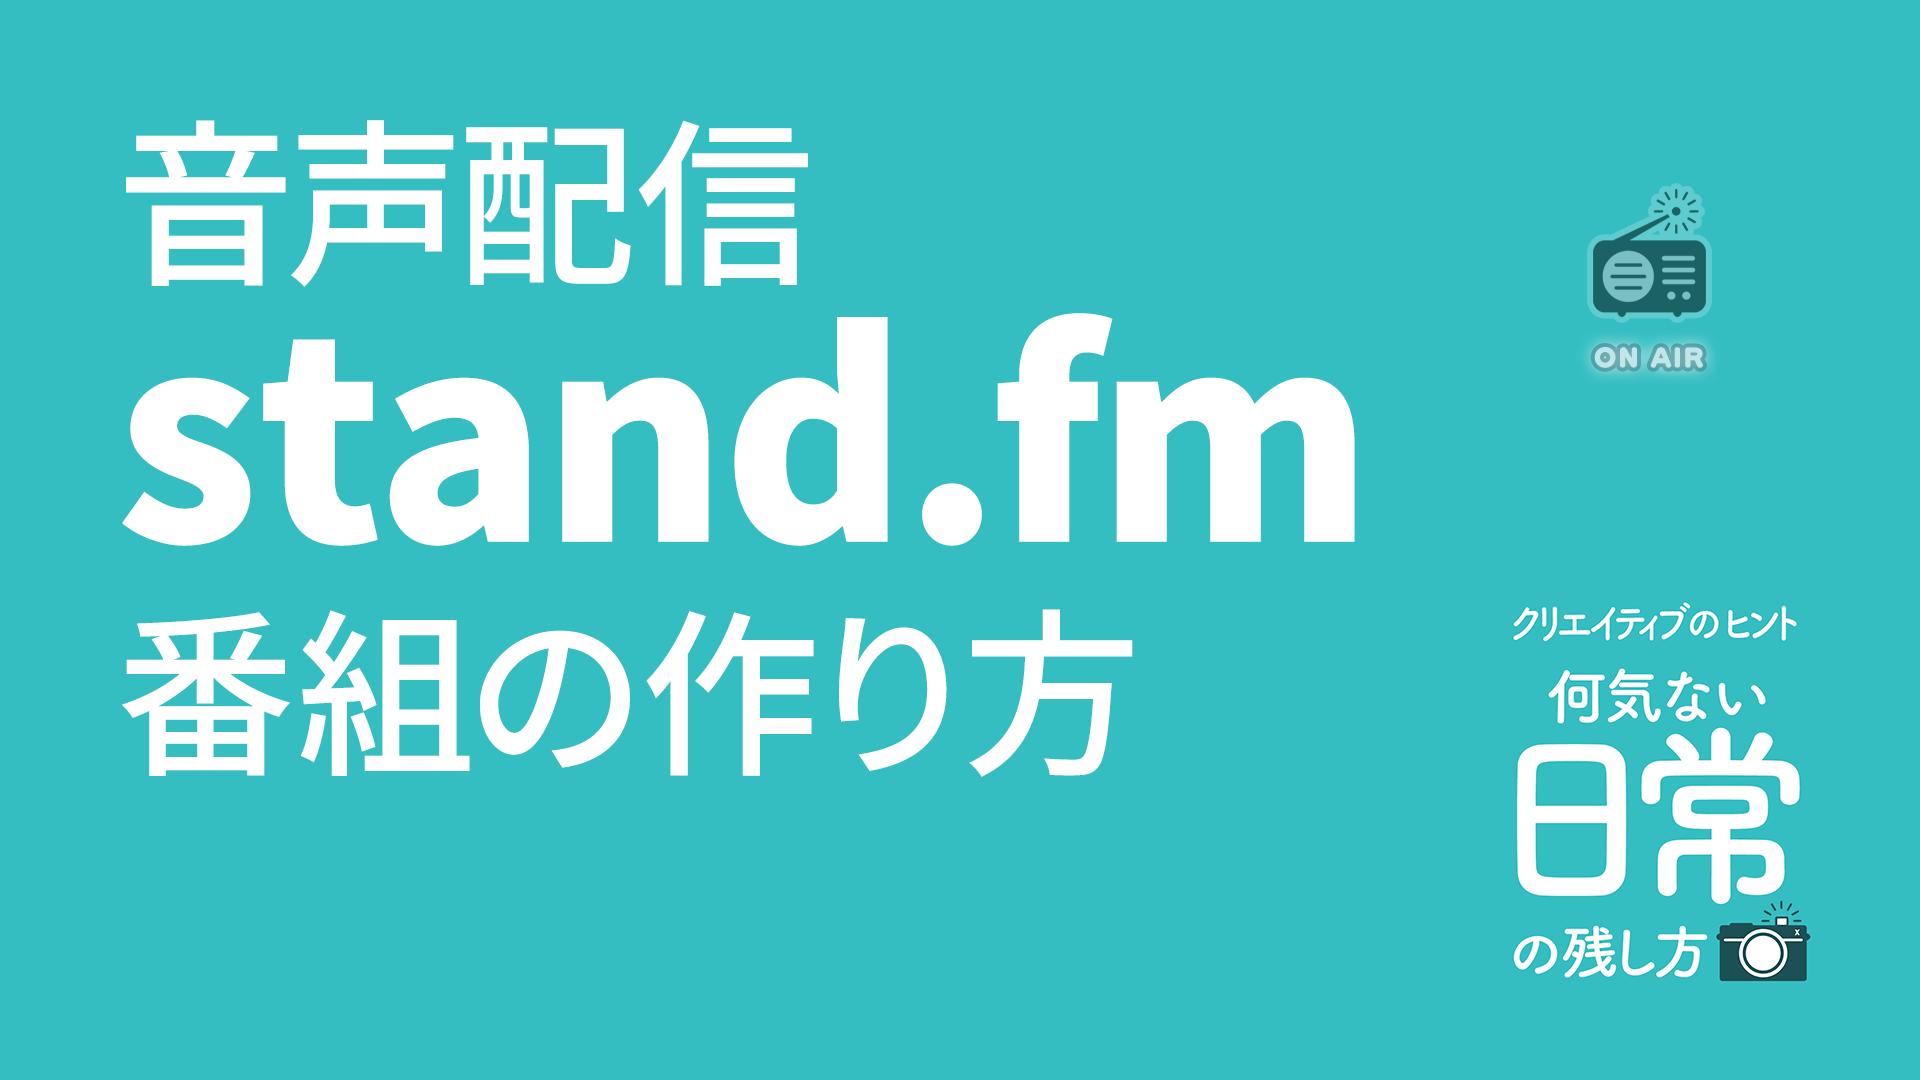 音声配信 standfm(スタンドエフエム)番組の作り方